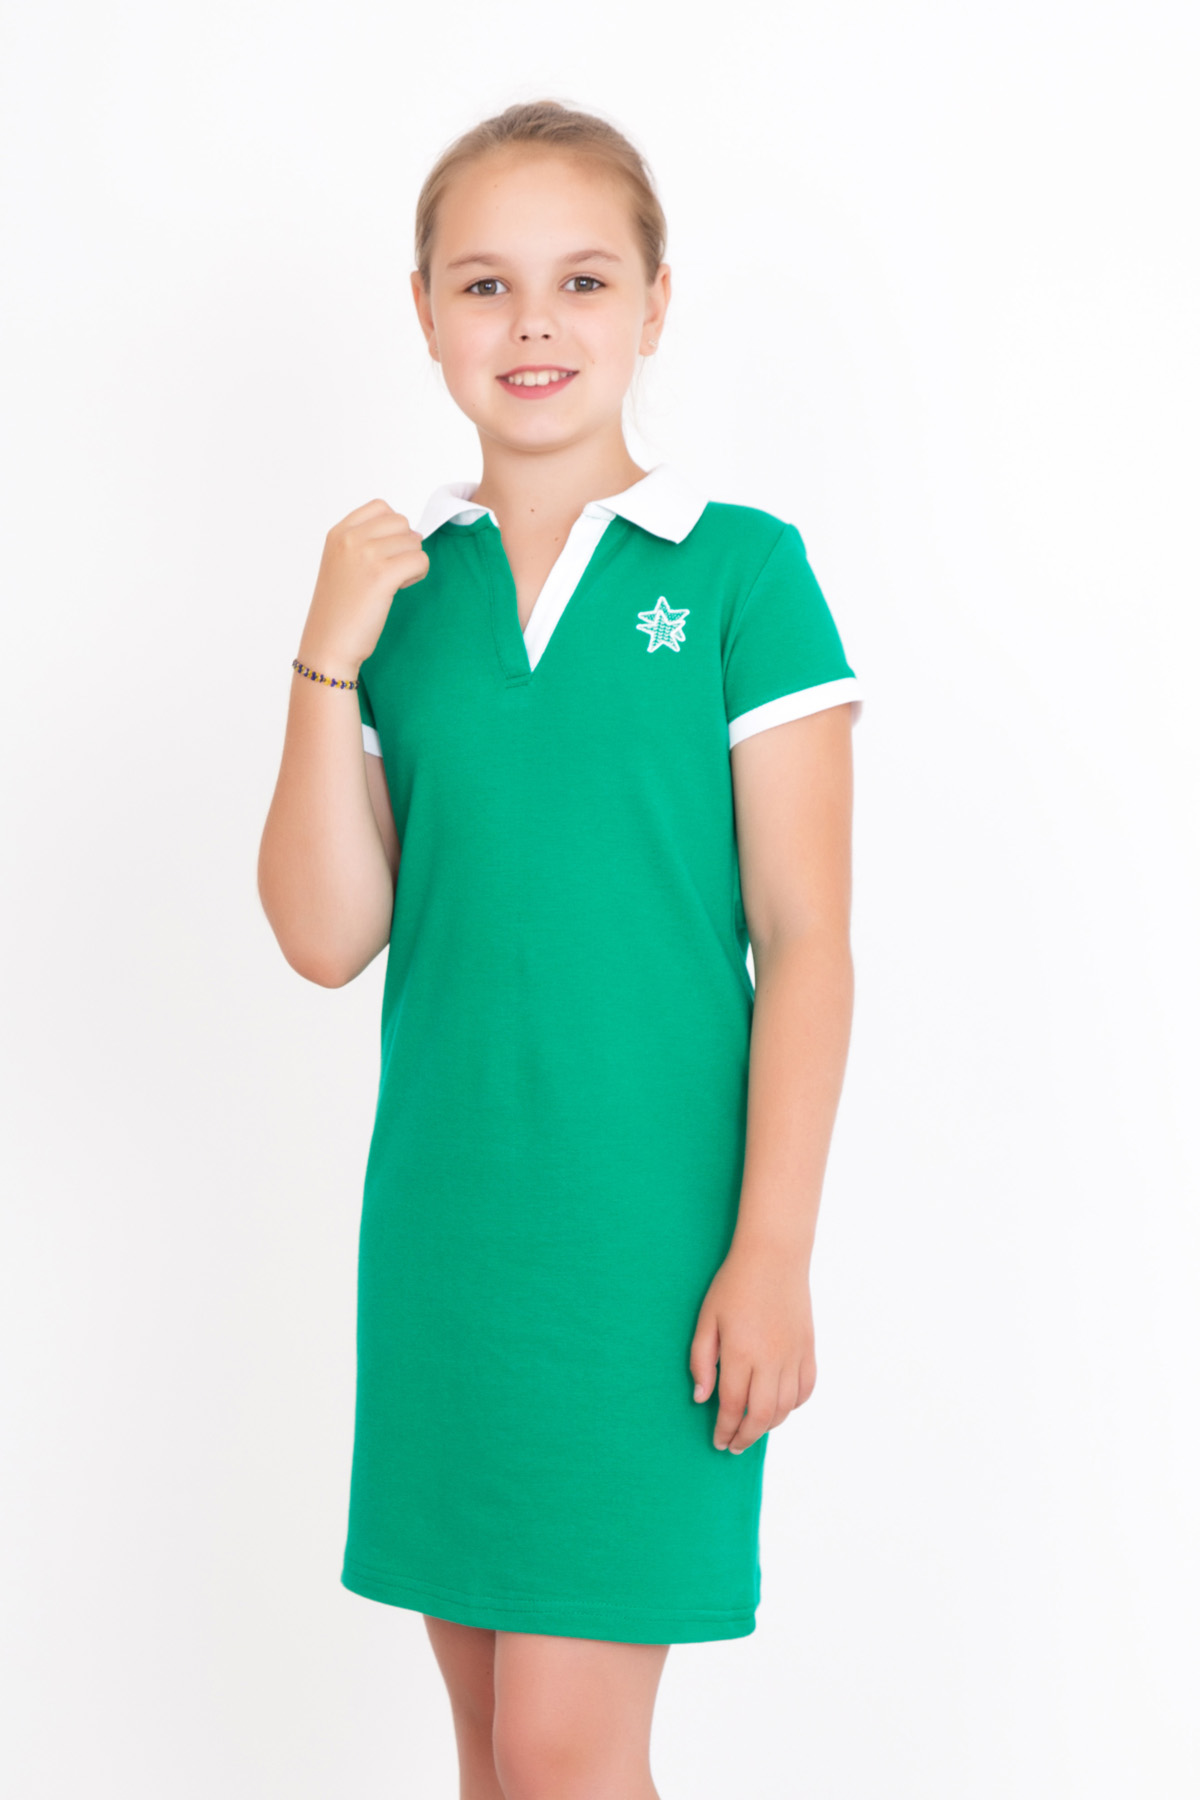 Дет. платье арт. 18-0126 Зеленый р. 34Платья и сарафаны<br><br><br>Тип: Дет. платье<br>Размер: 34<br>Материал: Пике